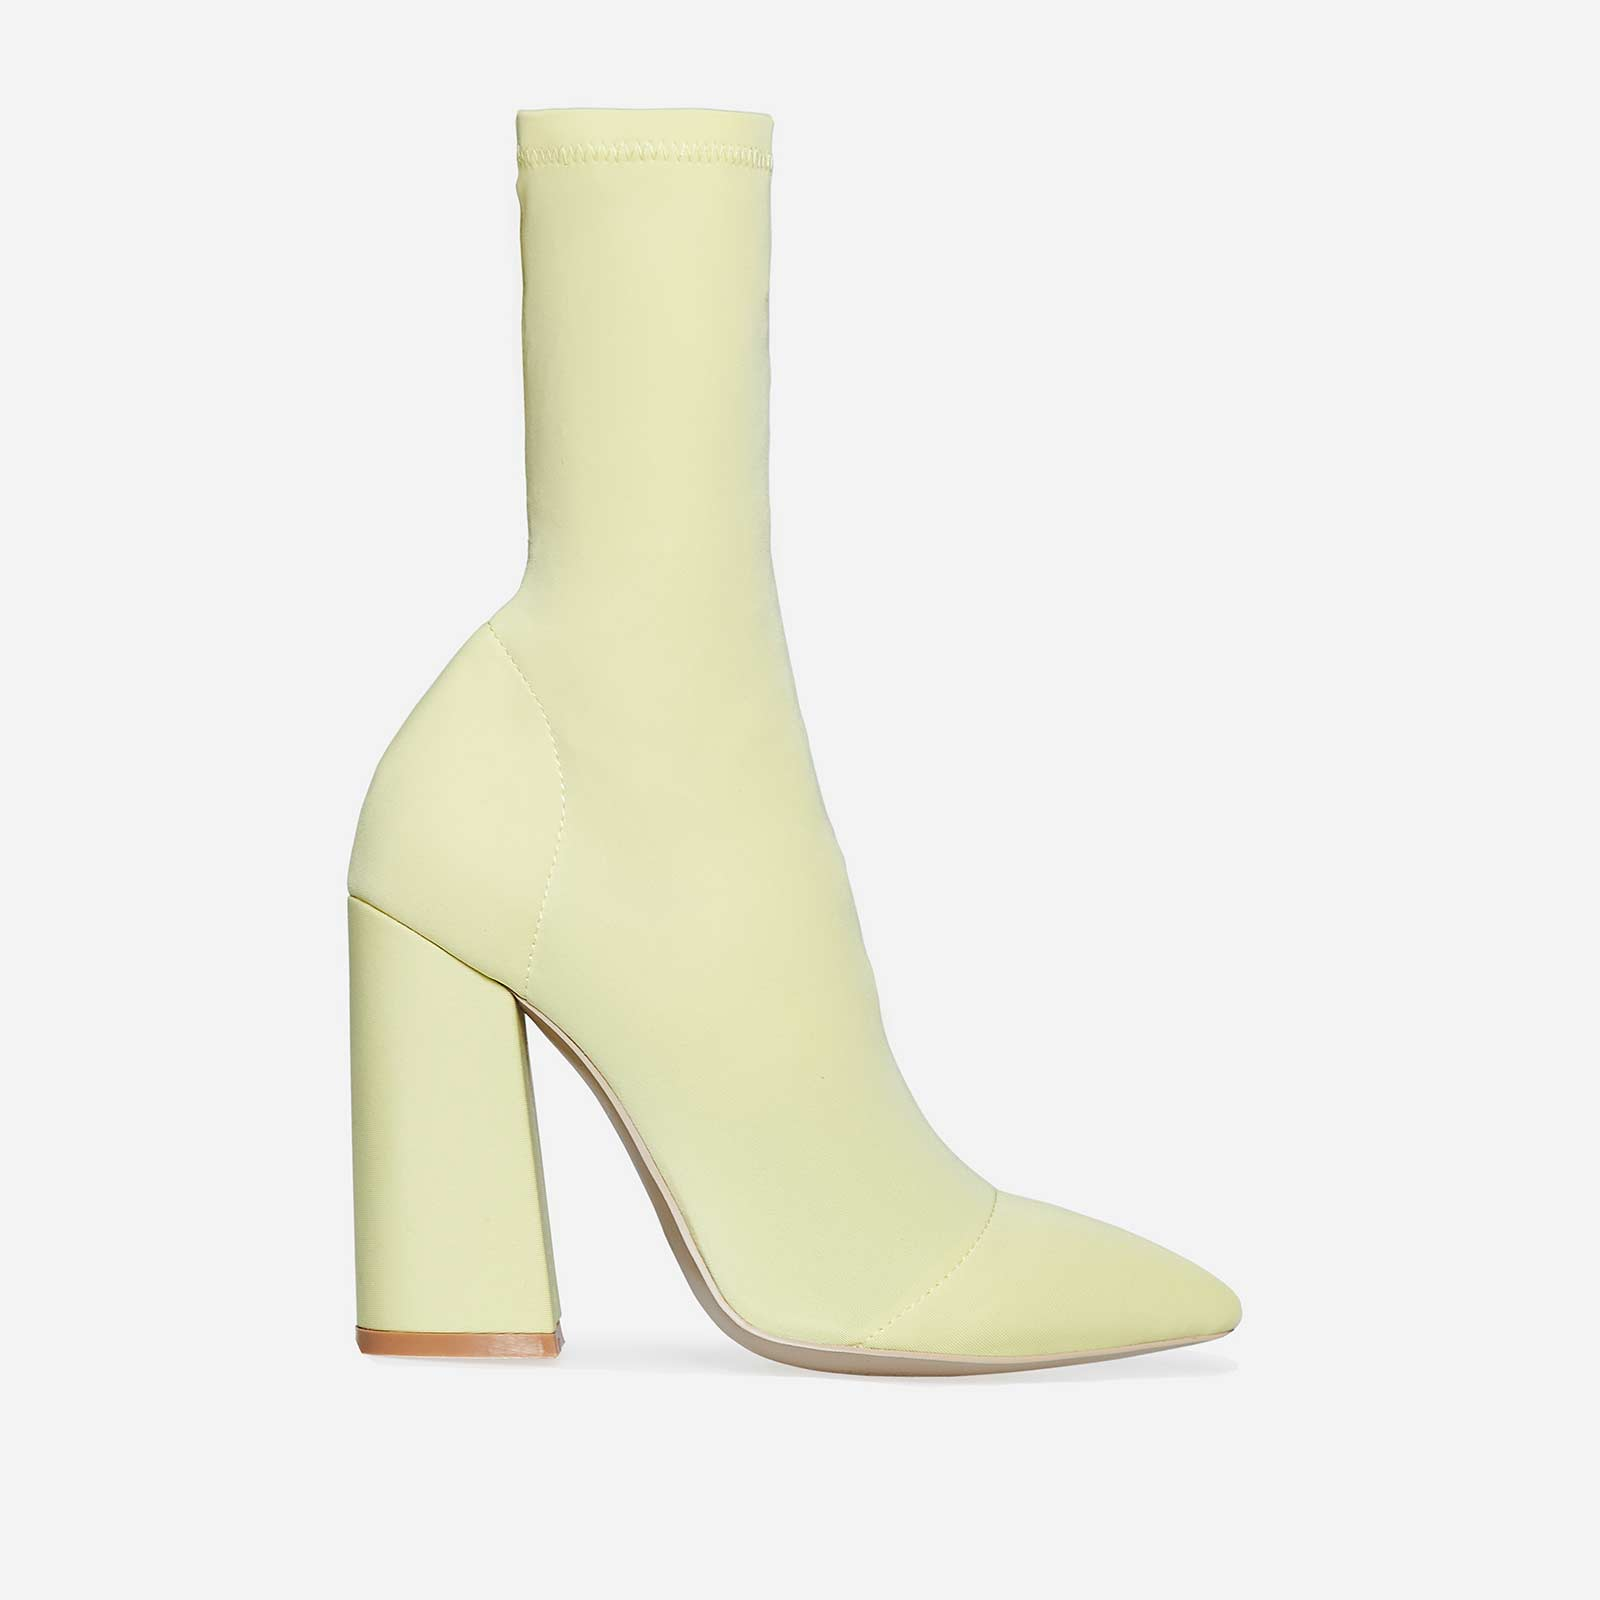 Chesta Block Heel Sock Boot In Lemon Yellow Lycra